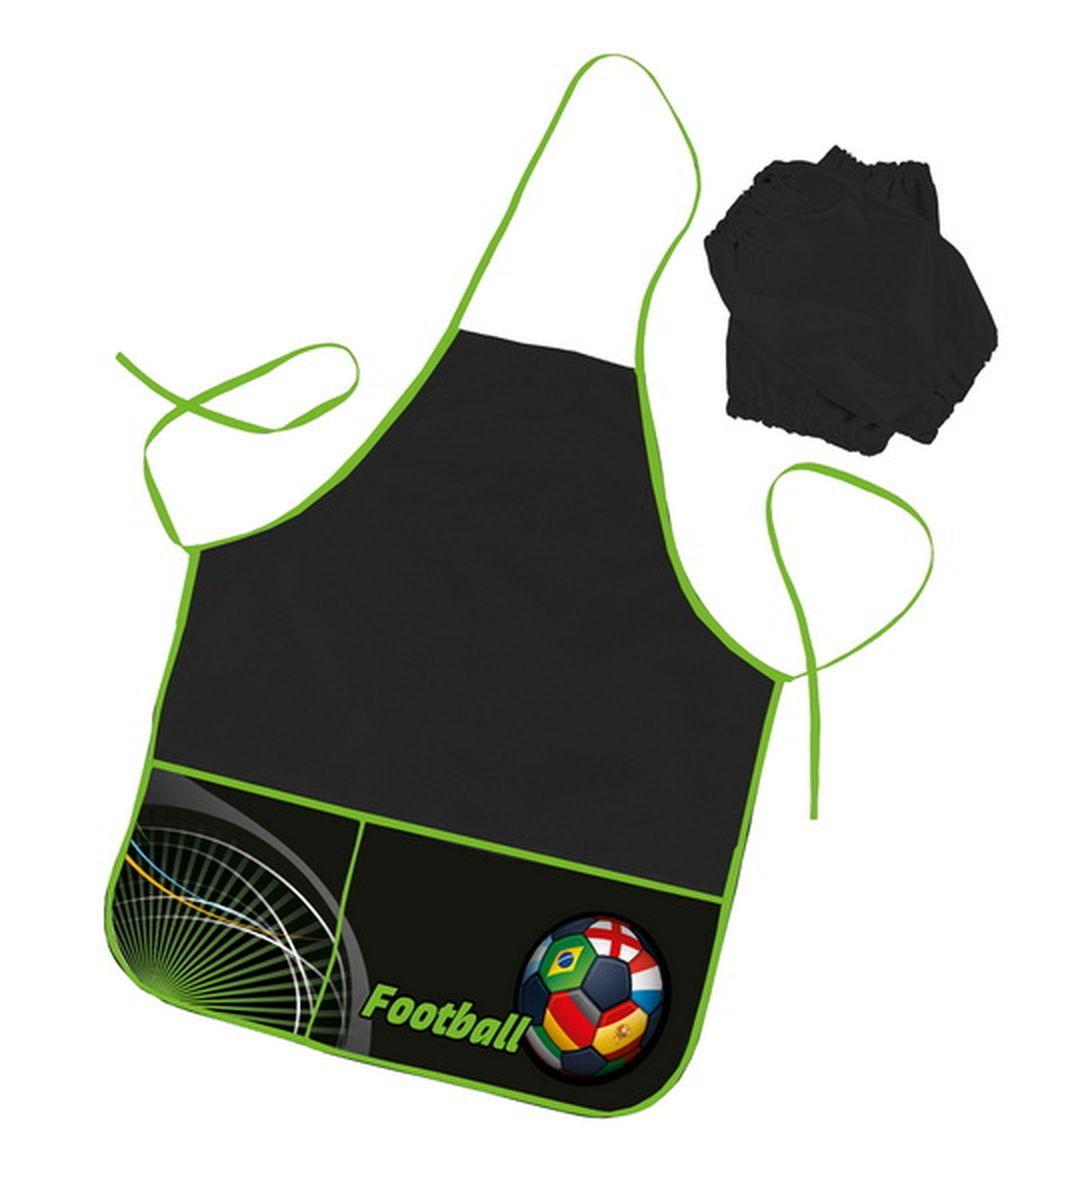 Hatber Фартук для труда с двумя карманами Football ( NFn_02064 )